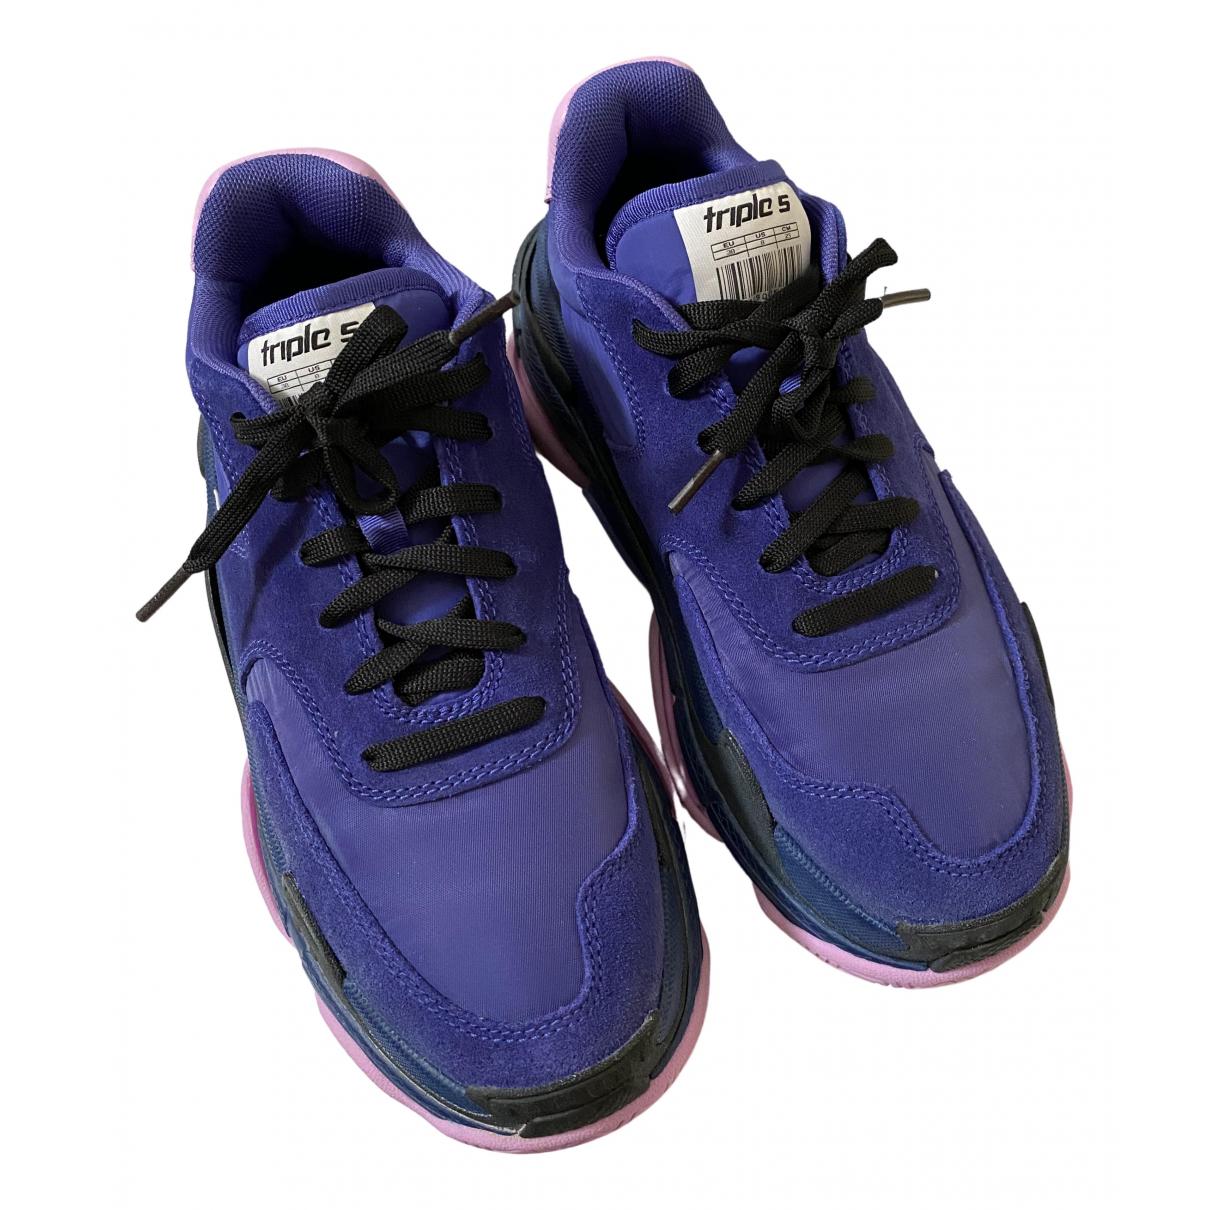 Balenciaga - Baskets Triple S pour femme en toile - violet